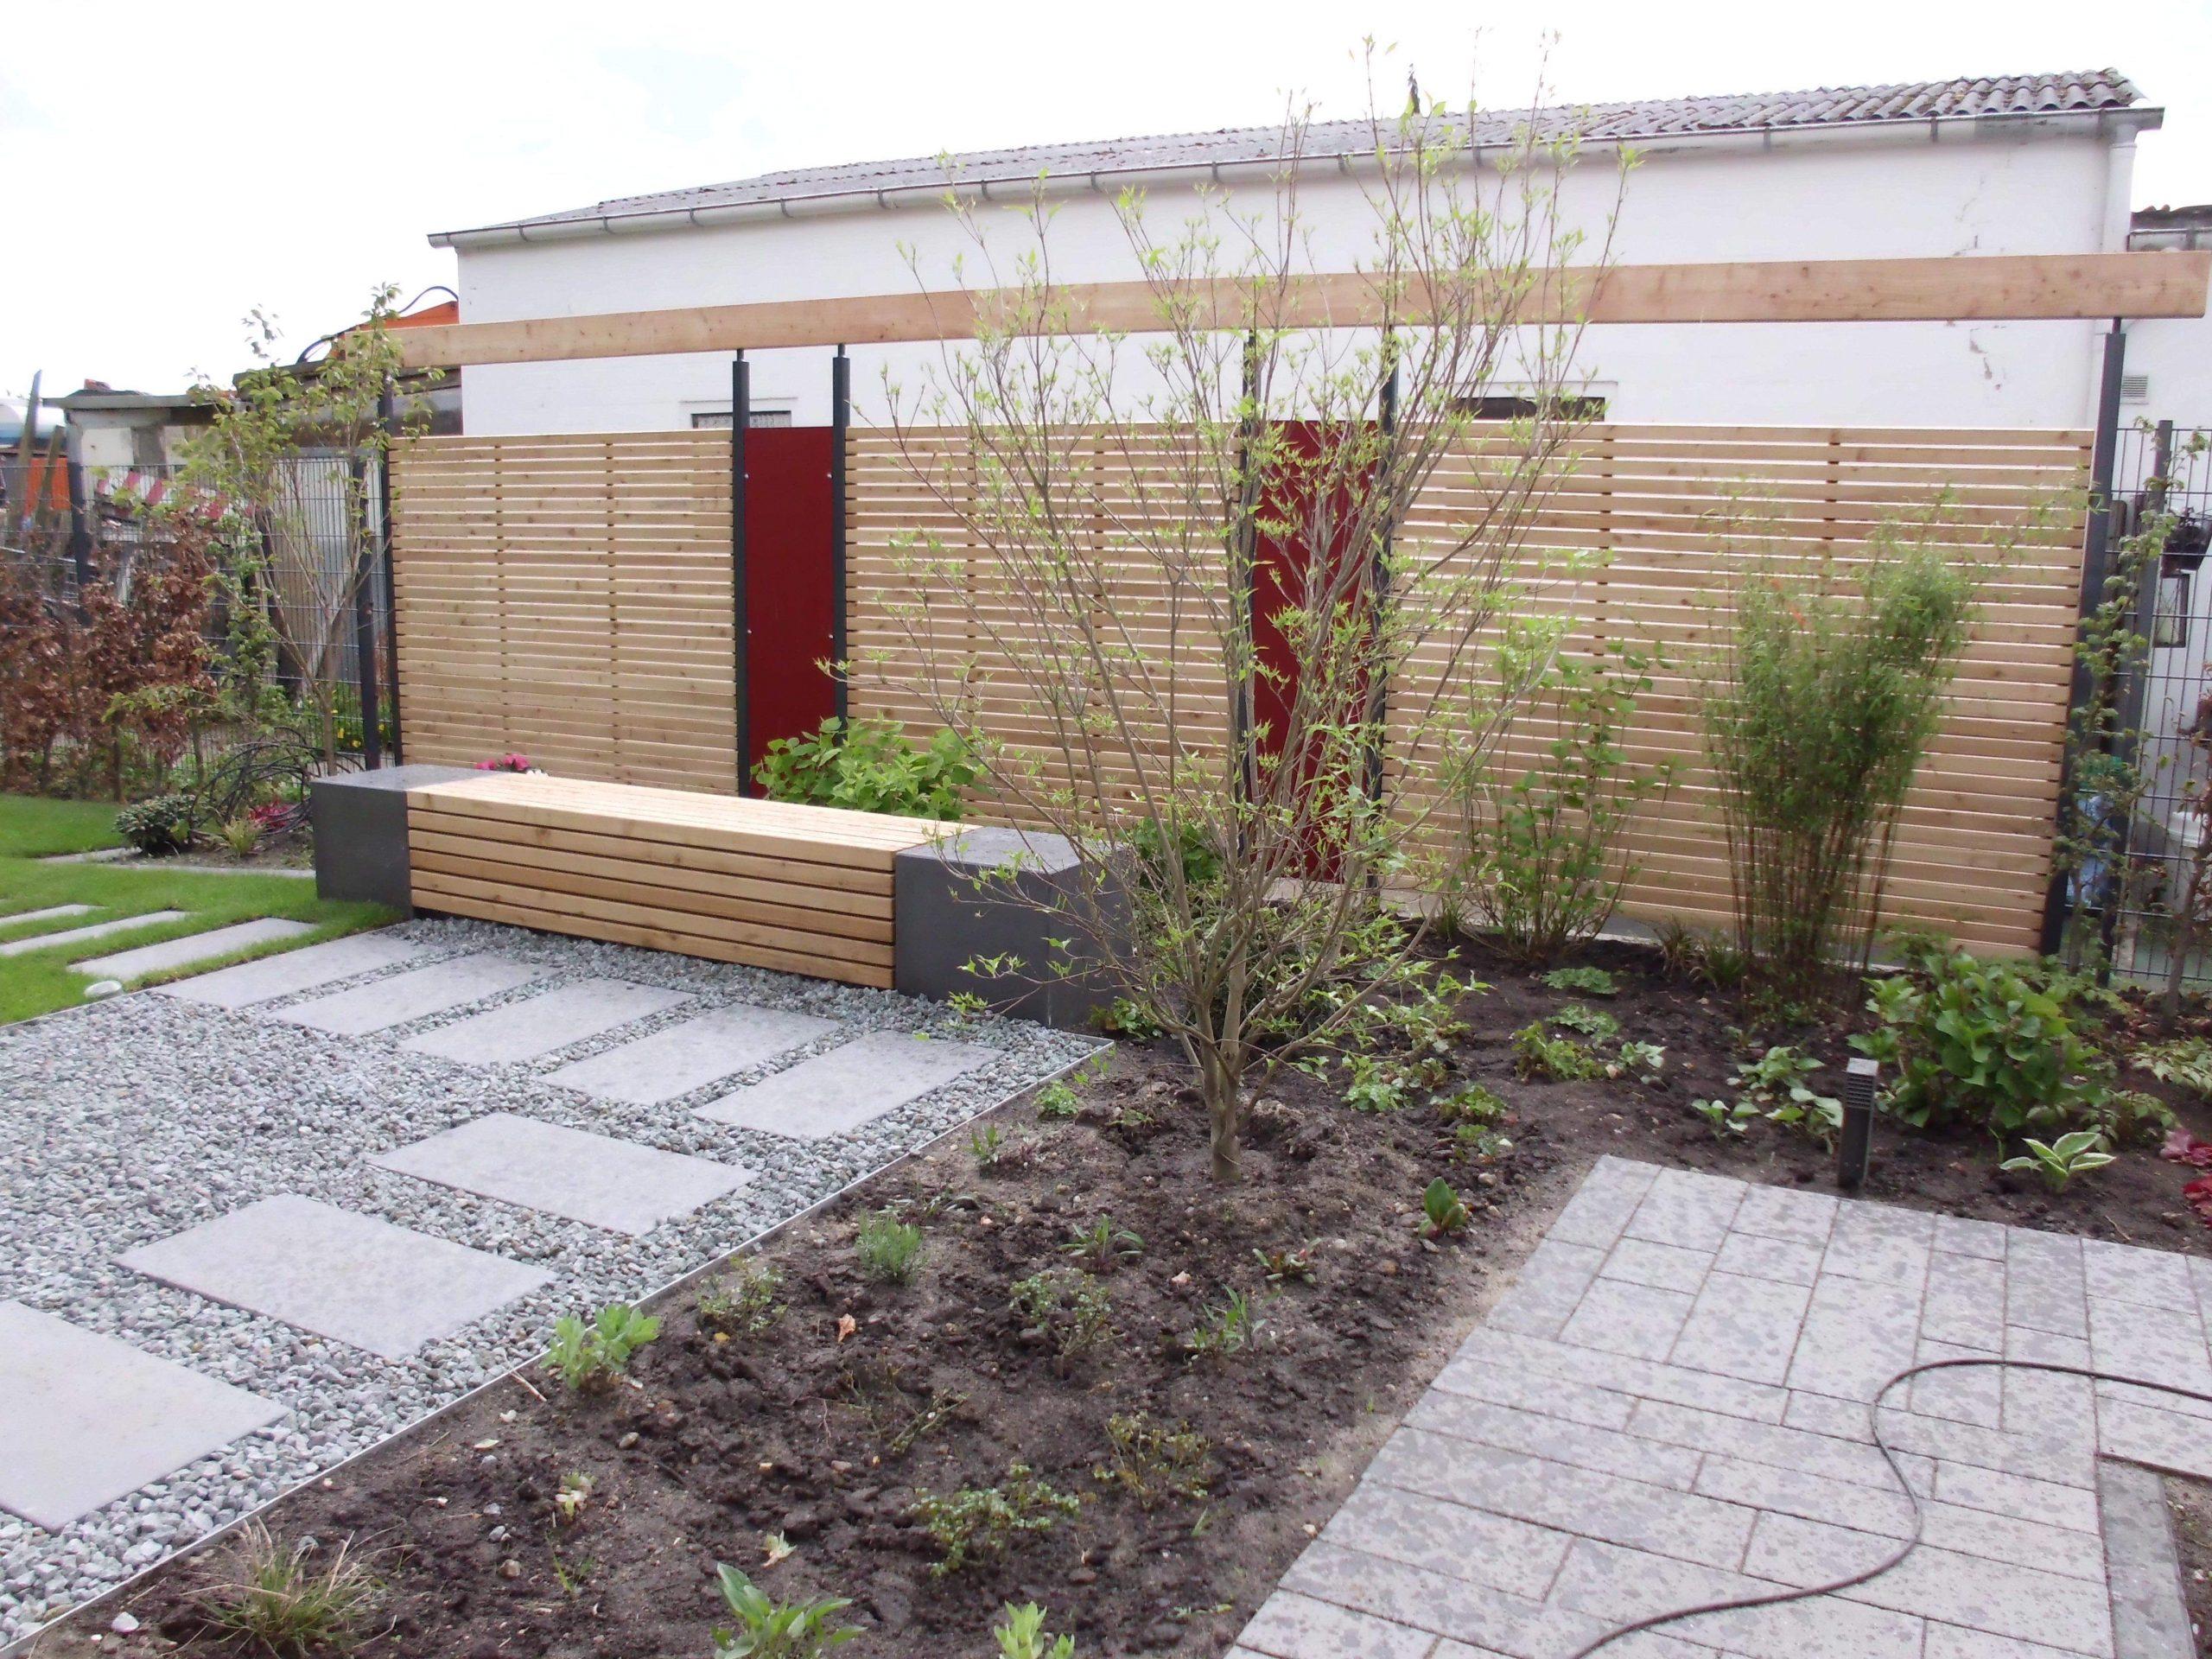 Garten Sichtschutz Schön Garten Mit Sichtschutz • Bilder & Ideen • Couch